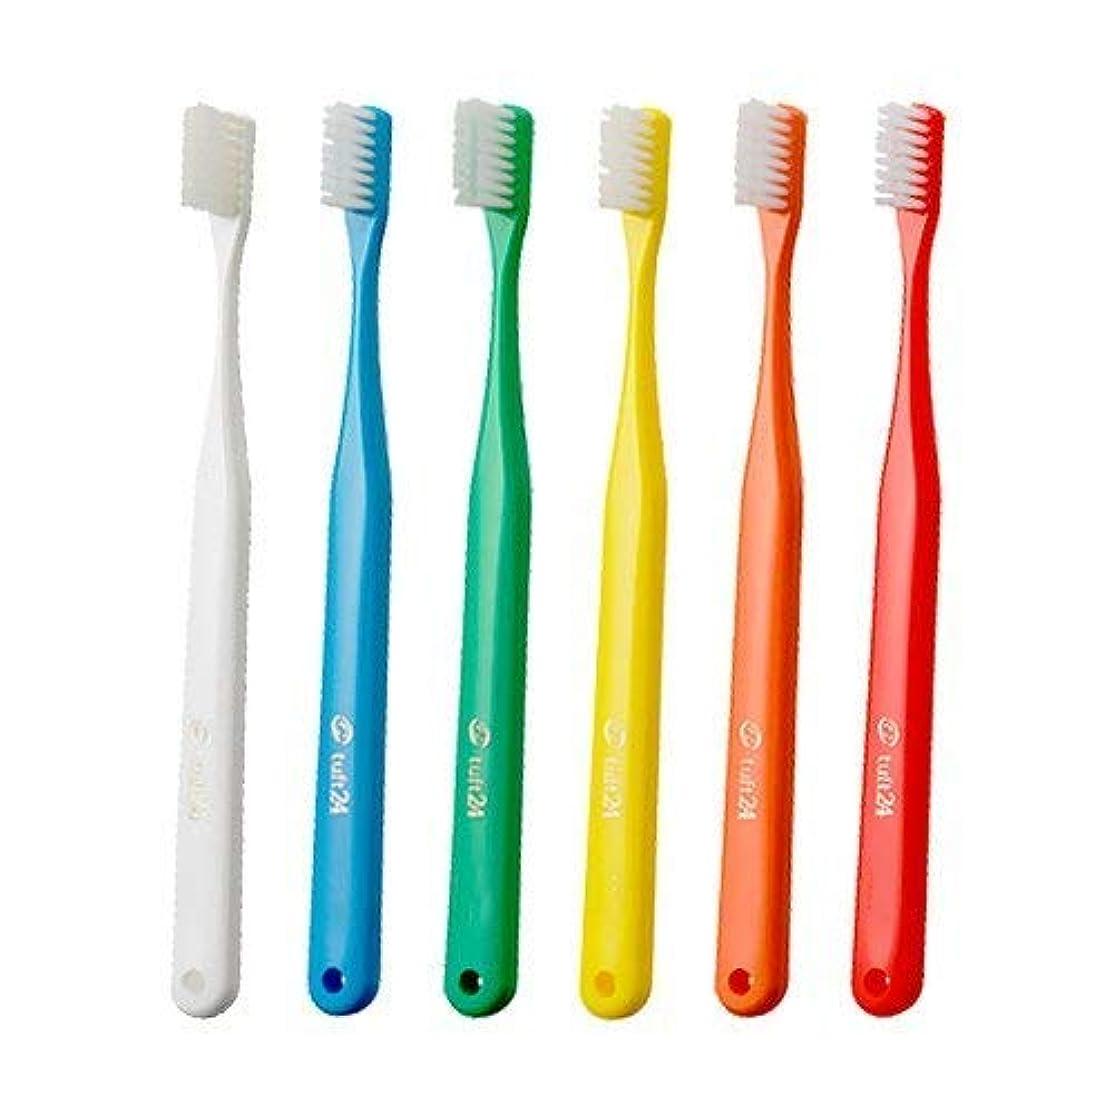 ハードウェア協同ファンネルウェブスパイダーオーラルケア キャップなし タフト24 歯ブラシ × 10本 (M)